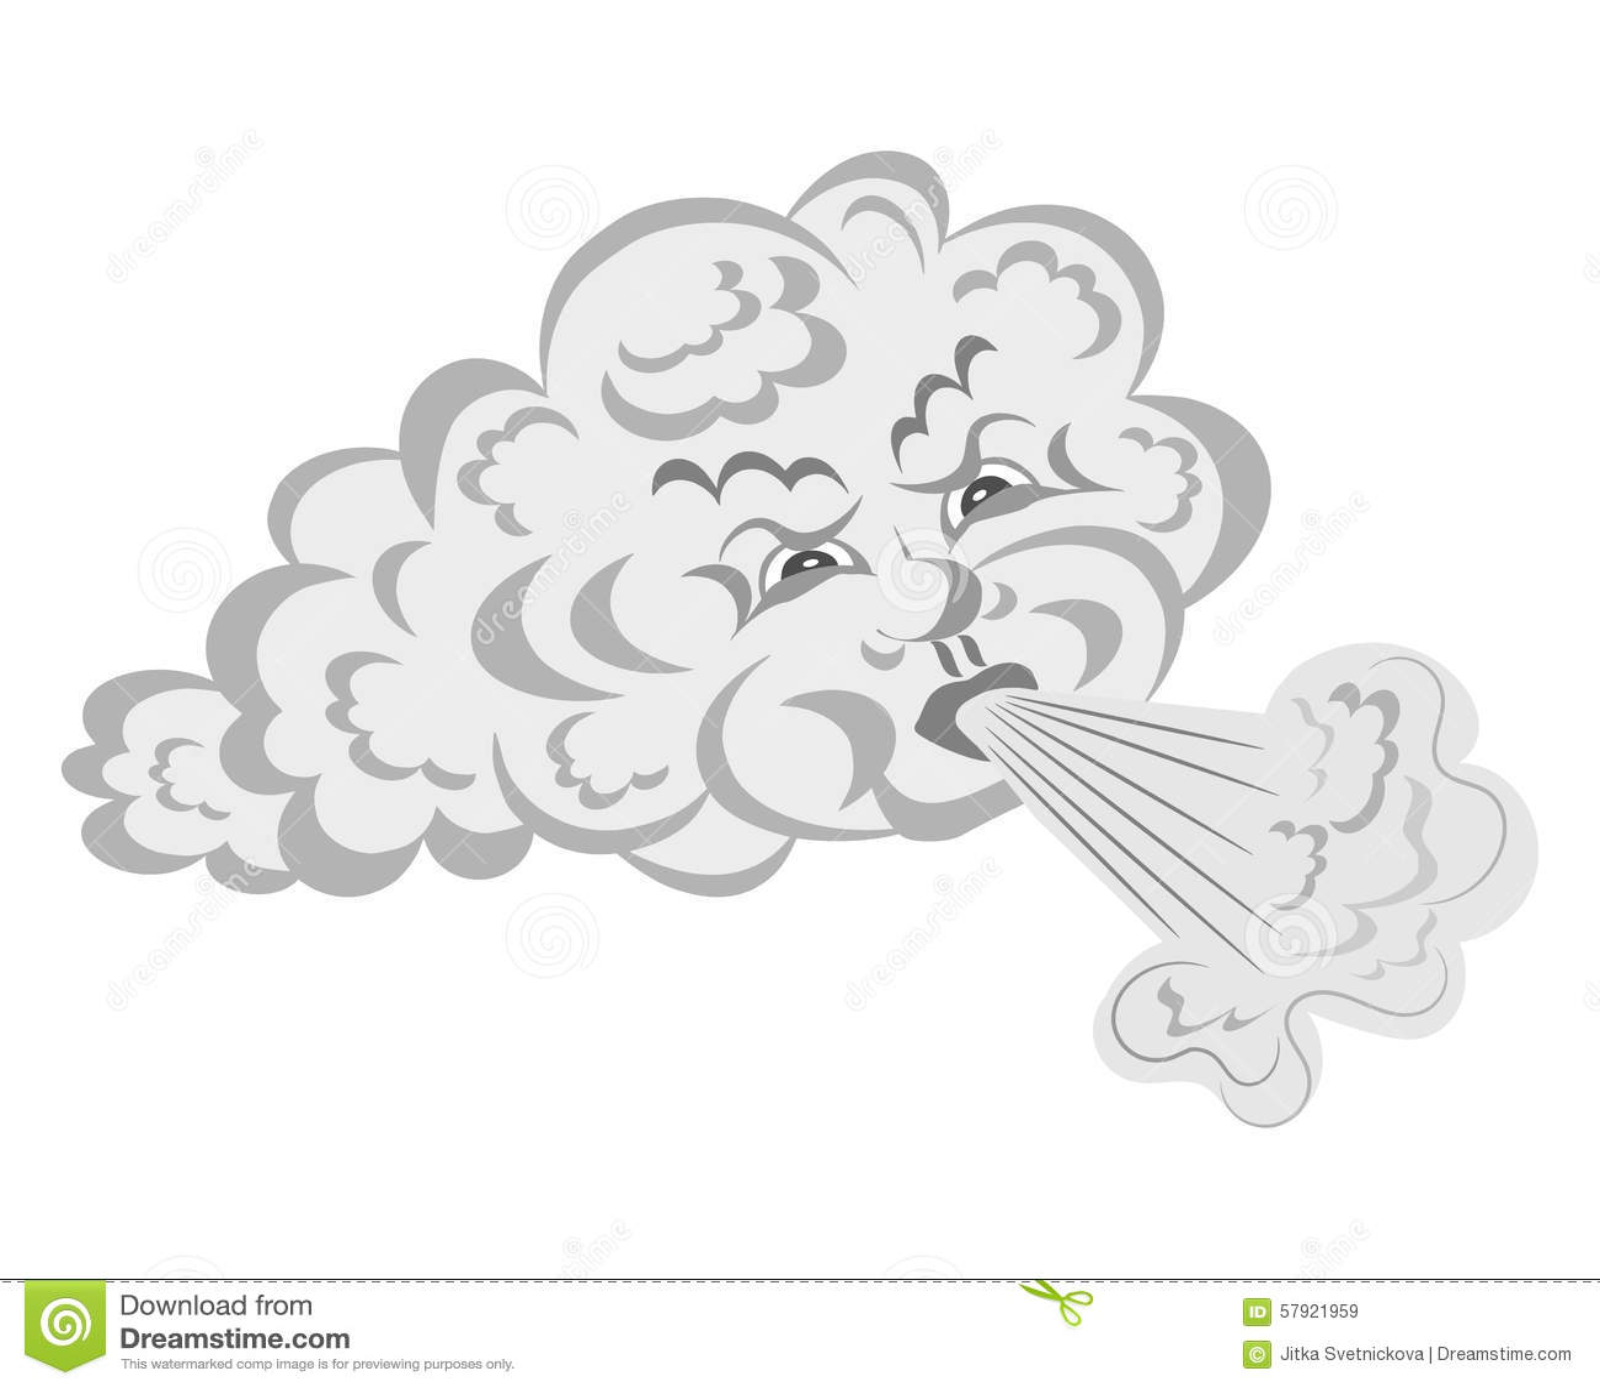 Le vent souffle du nuage illustration de vecteur - Nuage et vent ...